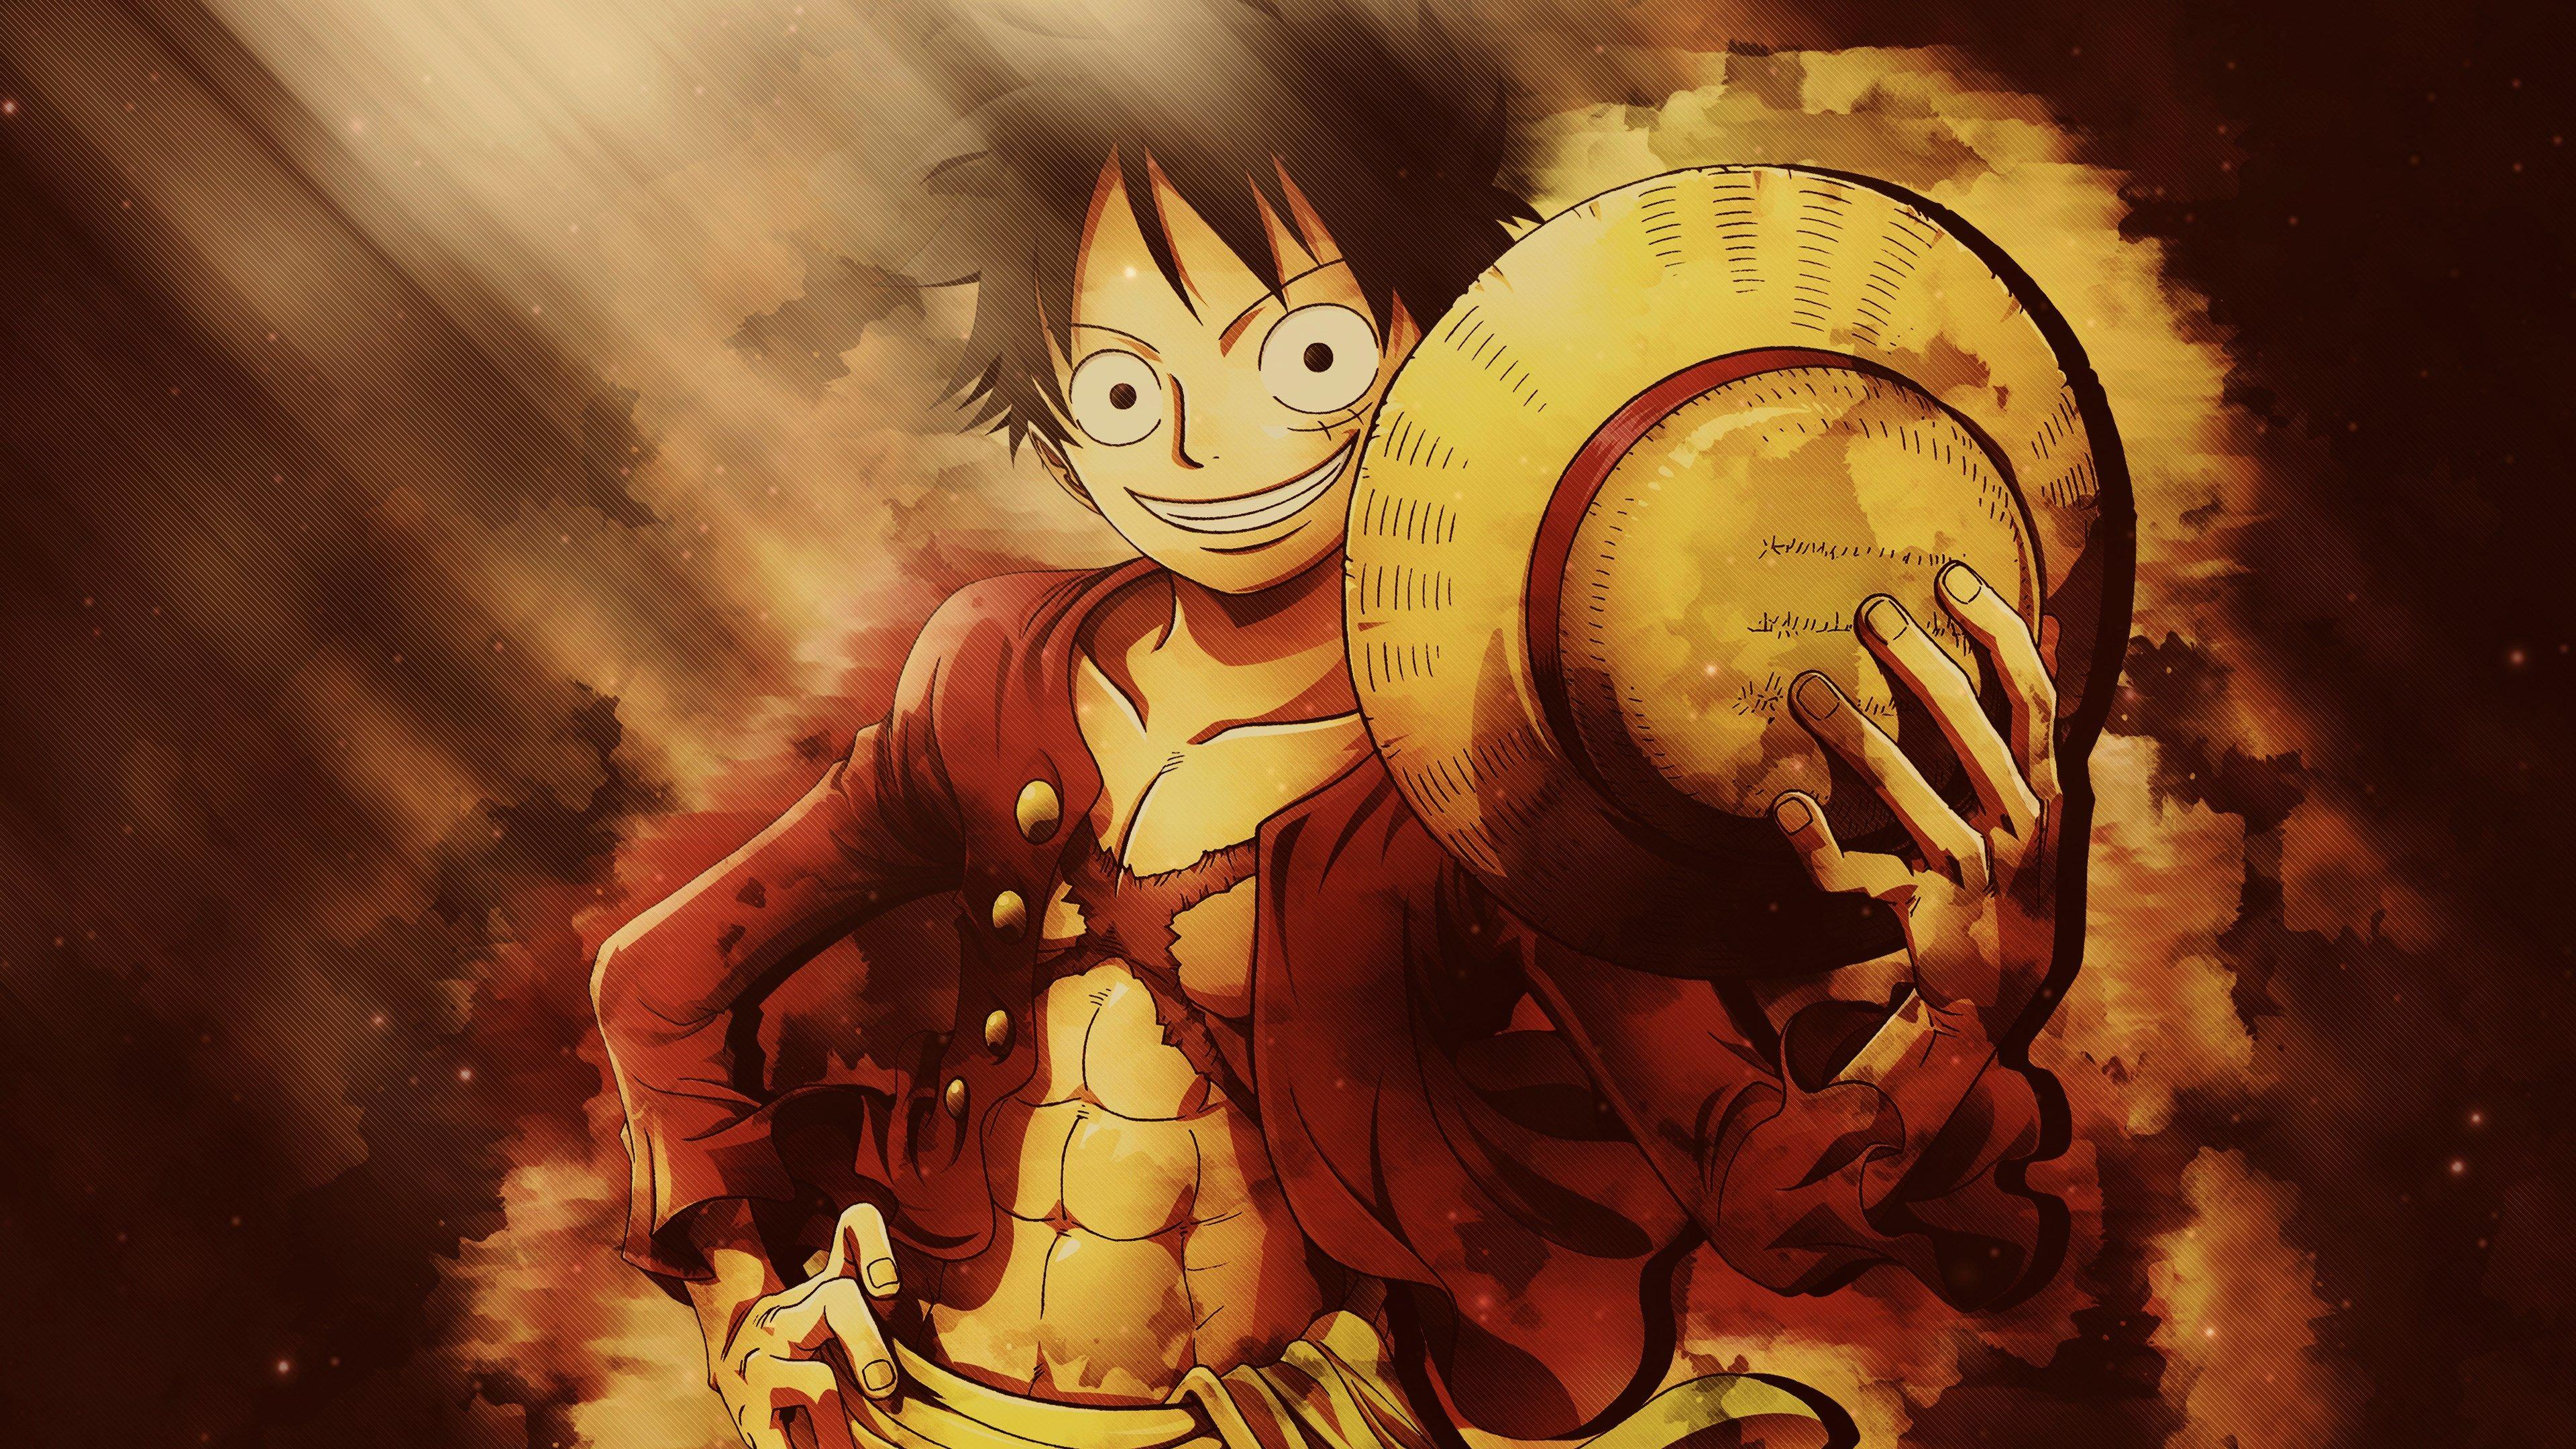 4k One Piece 3840x2160